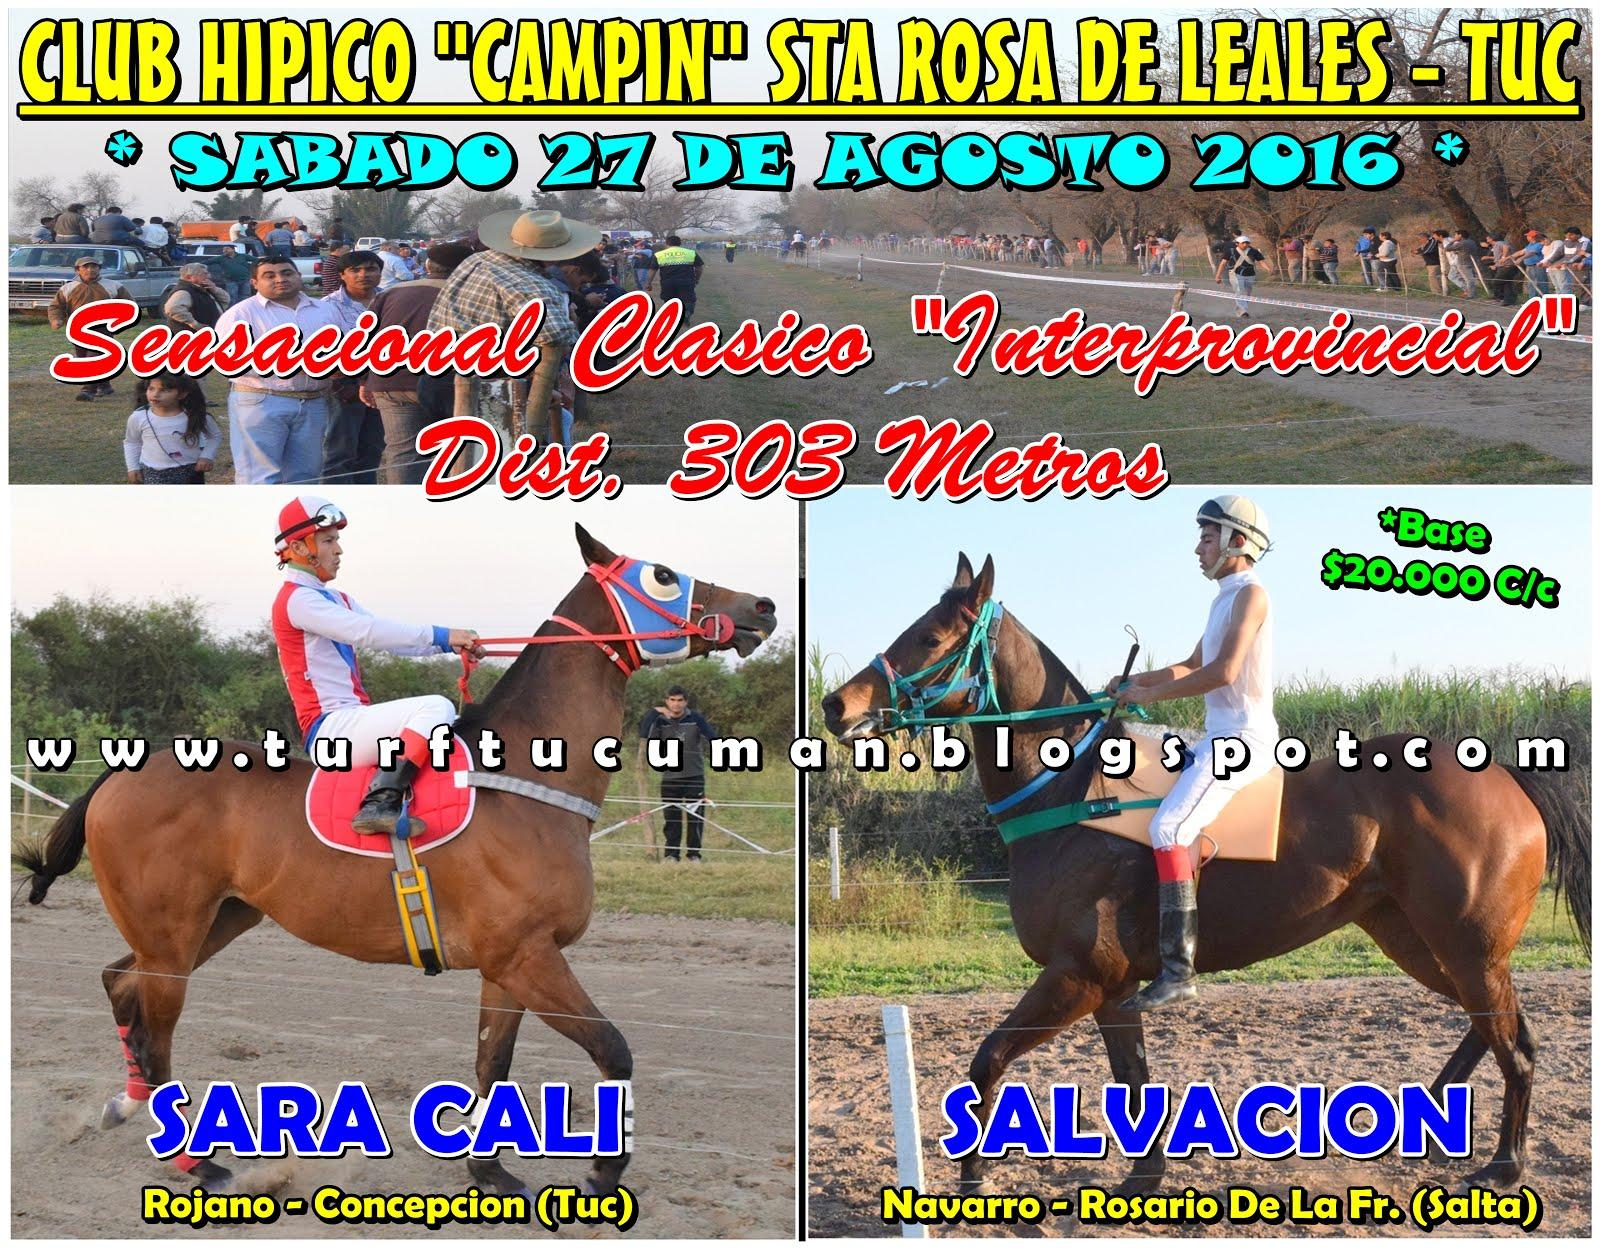 SARA CALI VS SALVACION